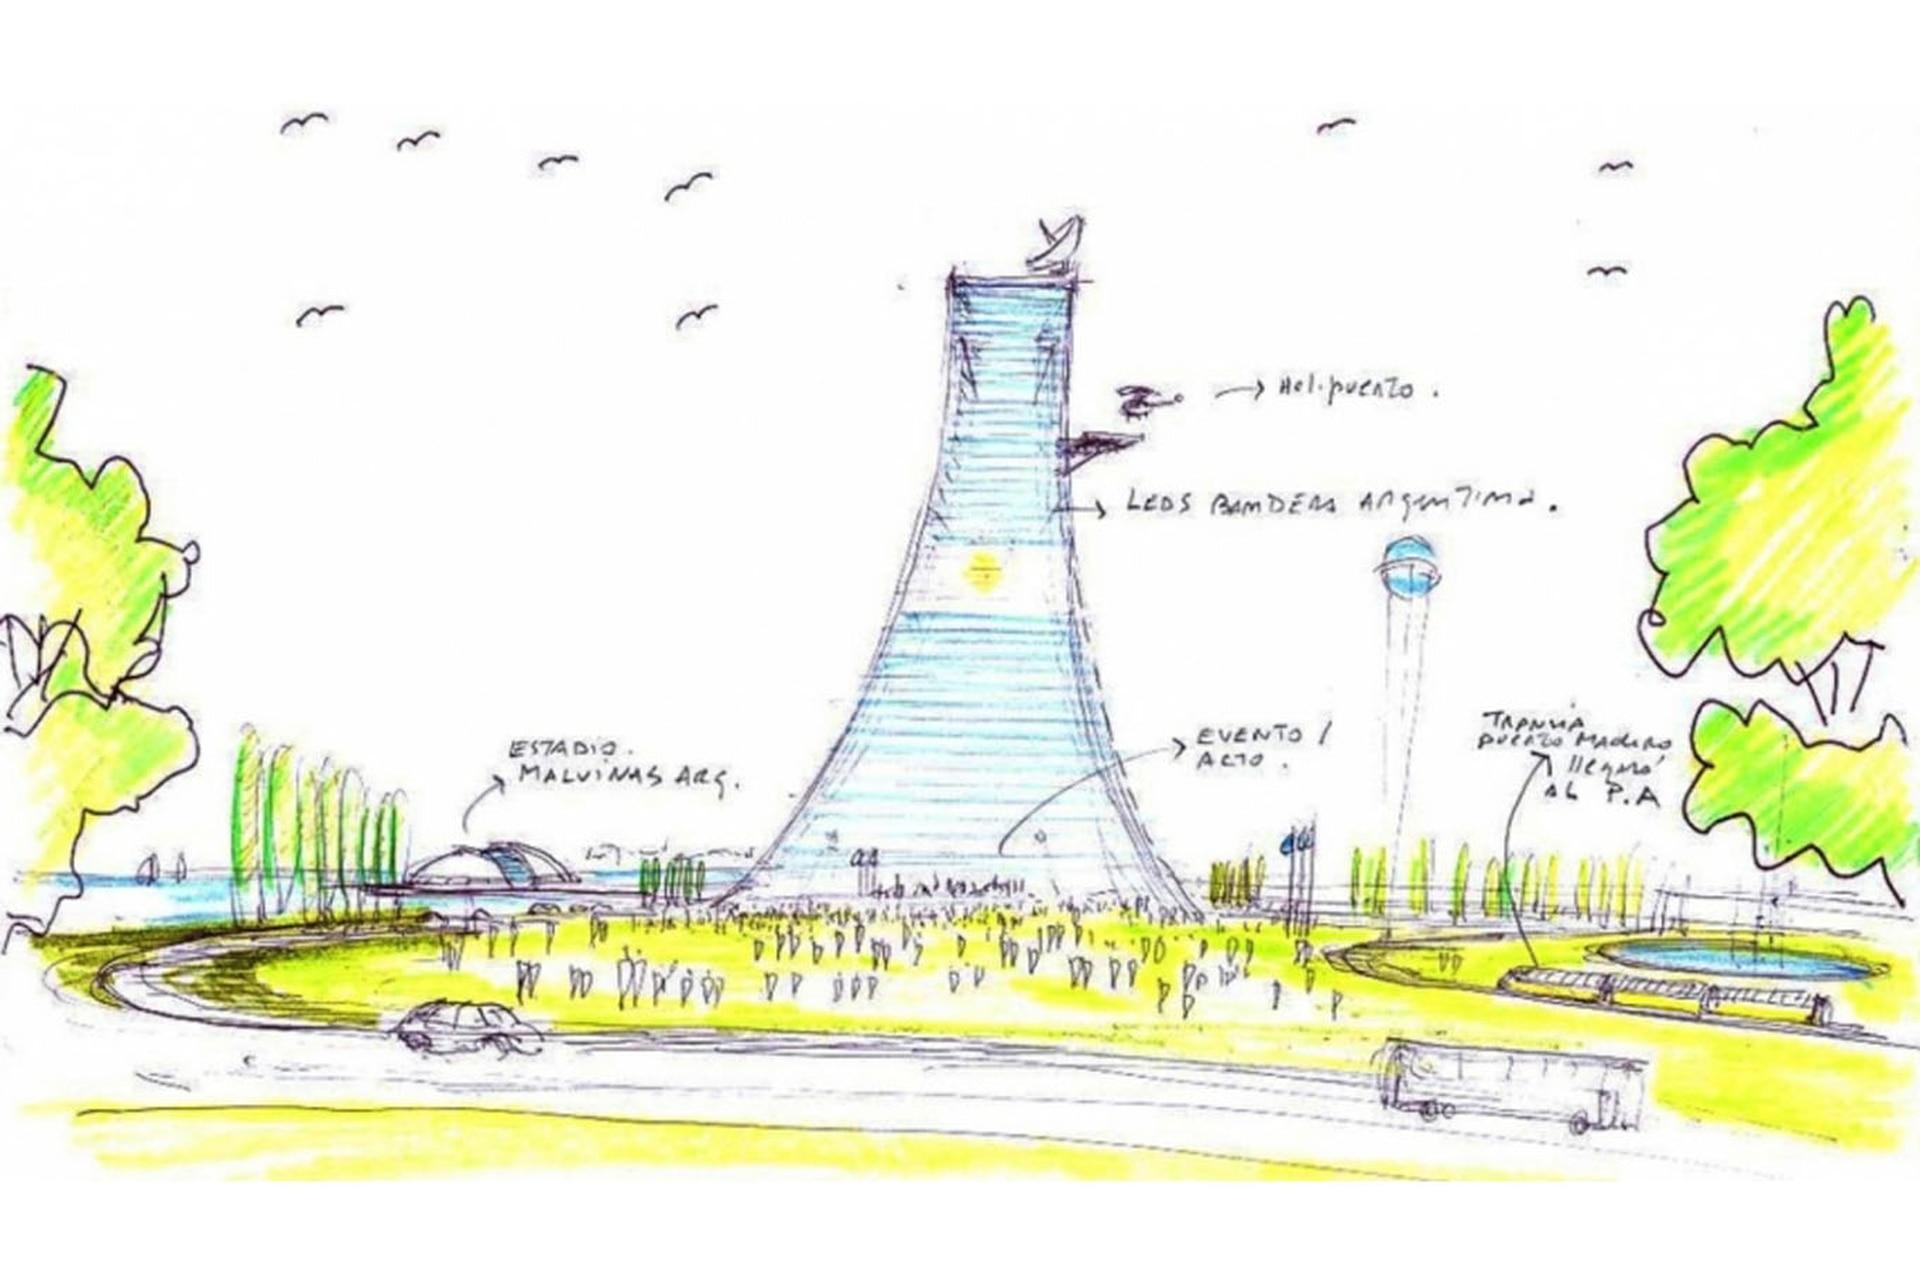 Isla Demarchi la torre ms alta de Latinoamrica y que albergara al Hollywood argentino que no fue